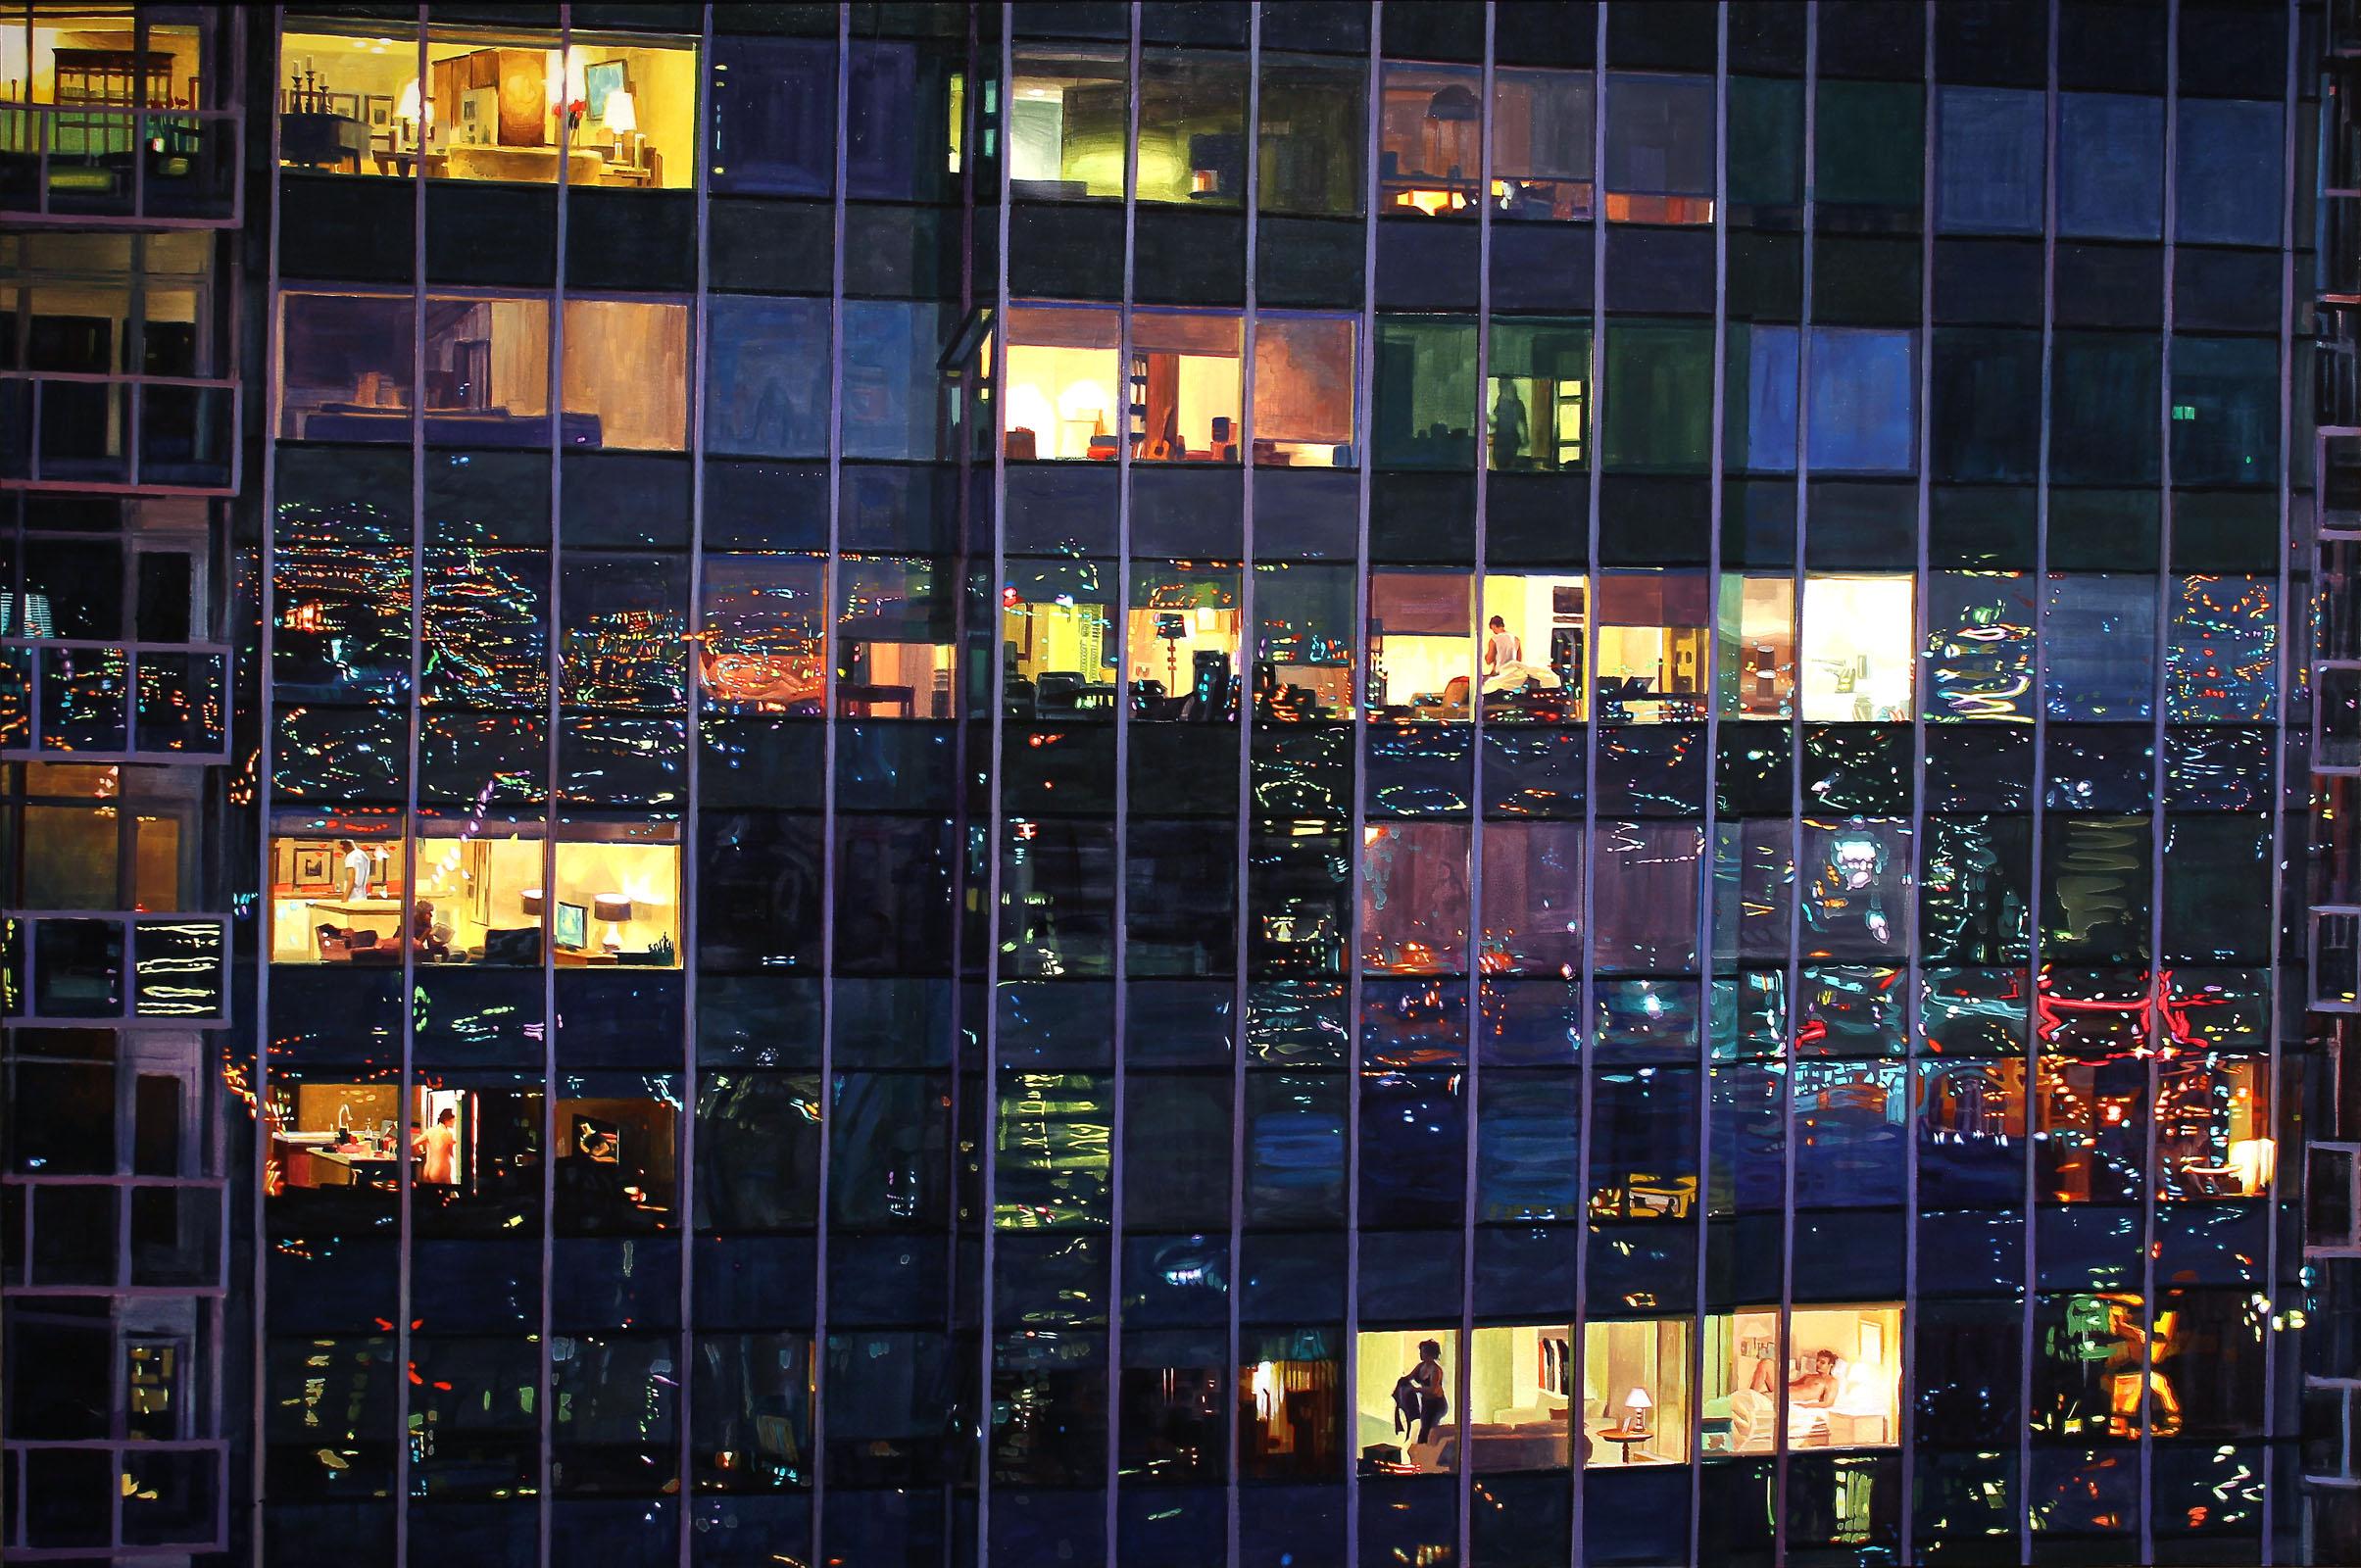 duskfromthe27thfloor.5_web.jpg